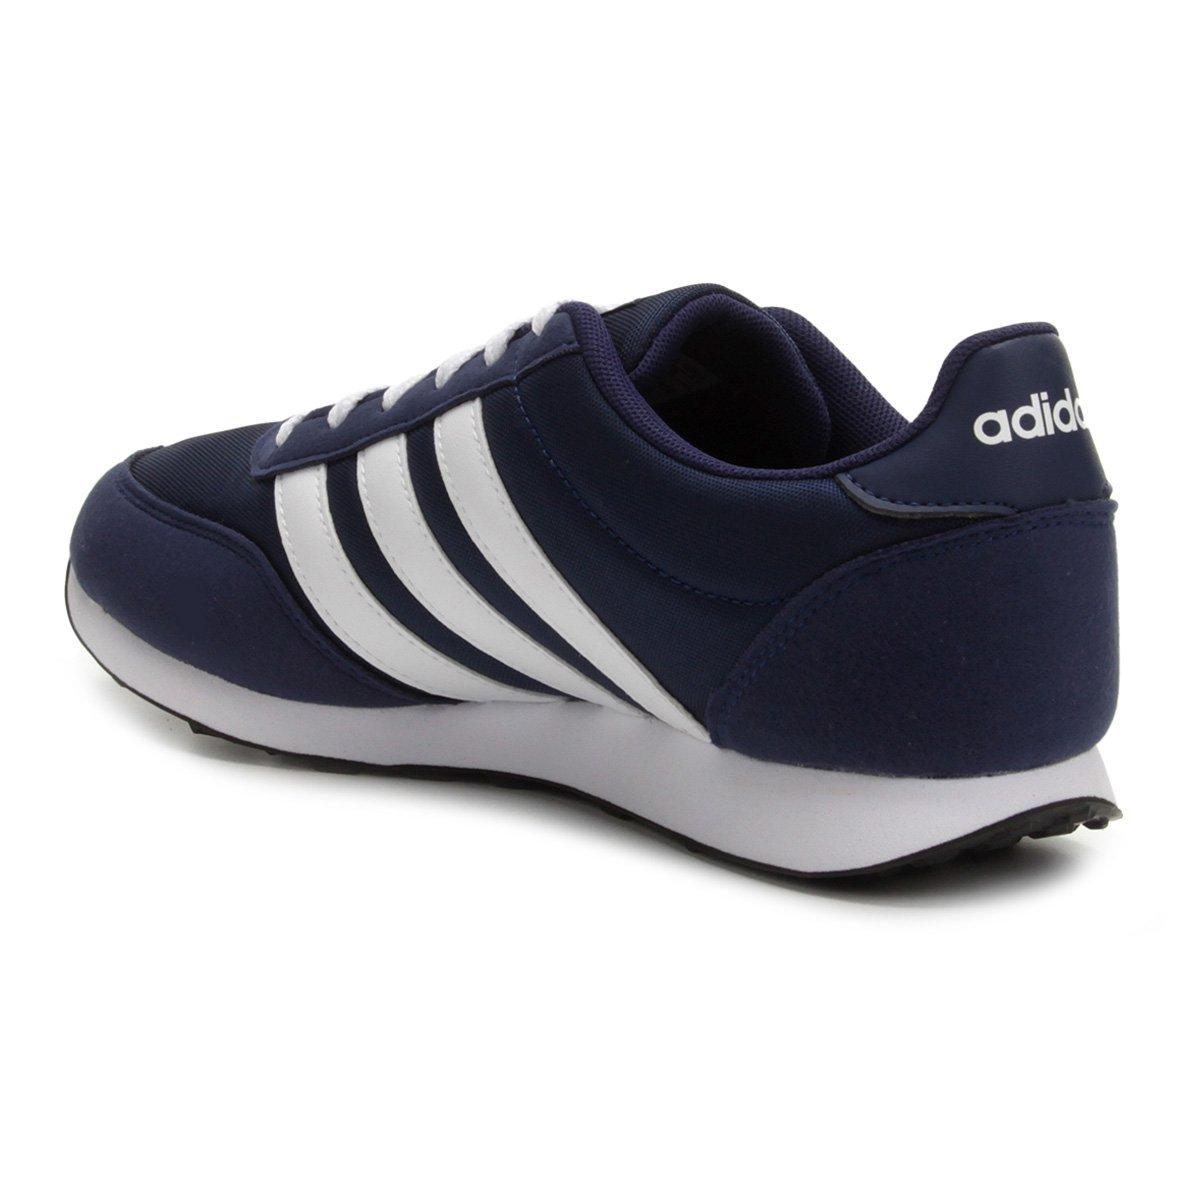 312f565425 Tênis Adidas V Racer 2 Masculino - Compre Agora